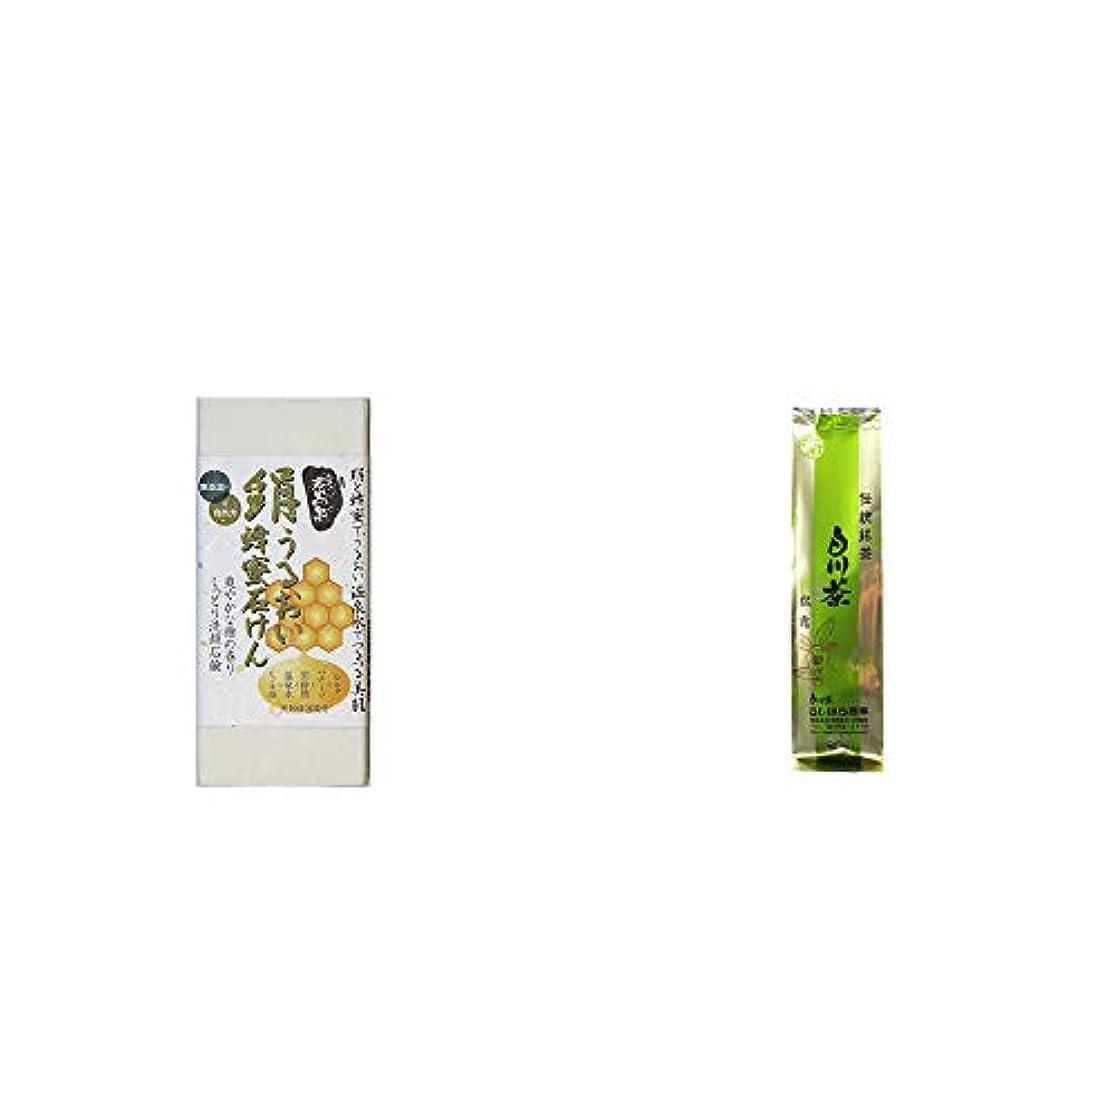 談話ペルメル異邦人[2点セット] ひのき炭黒泉 絹うるおい蜂蜜石けん(75g×2)?白川茶 伝統銘茶【松露】(180g)